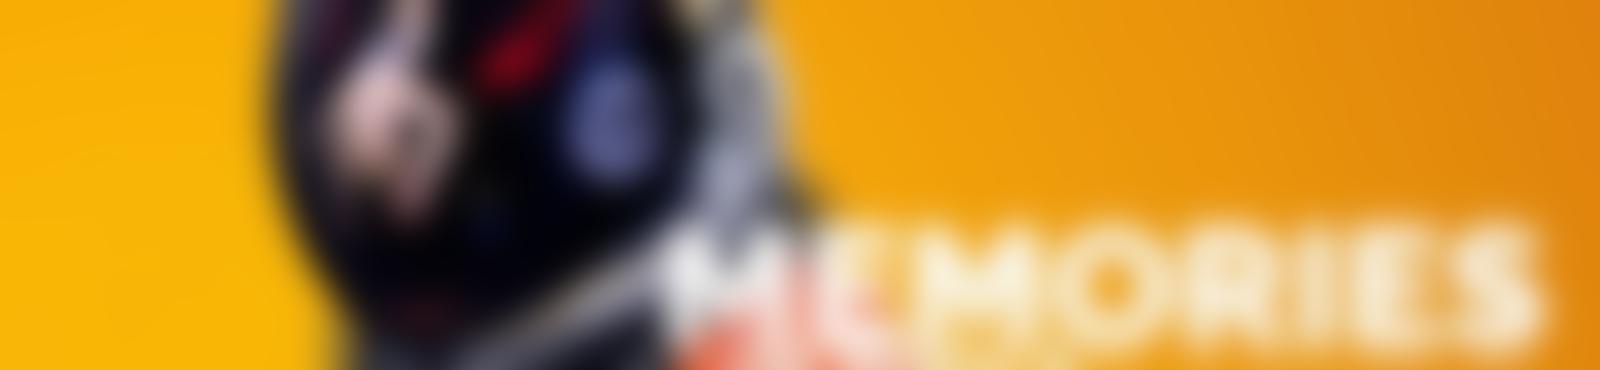 Blurred 71db2b6a 71c2 461f 8ded c87fdf796216